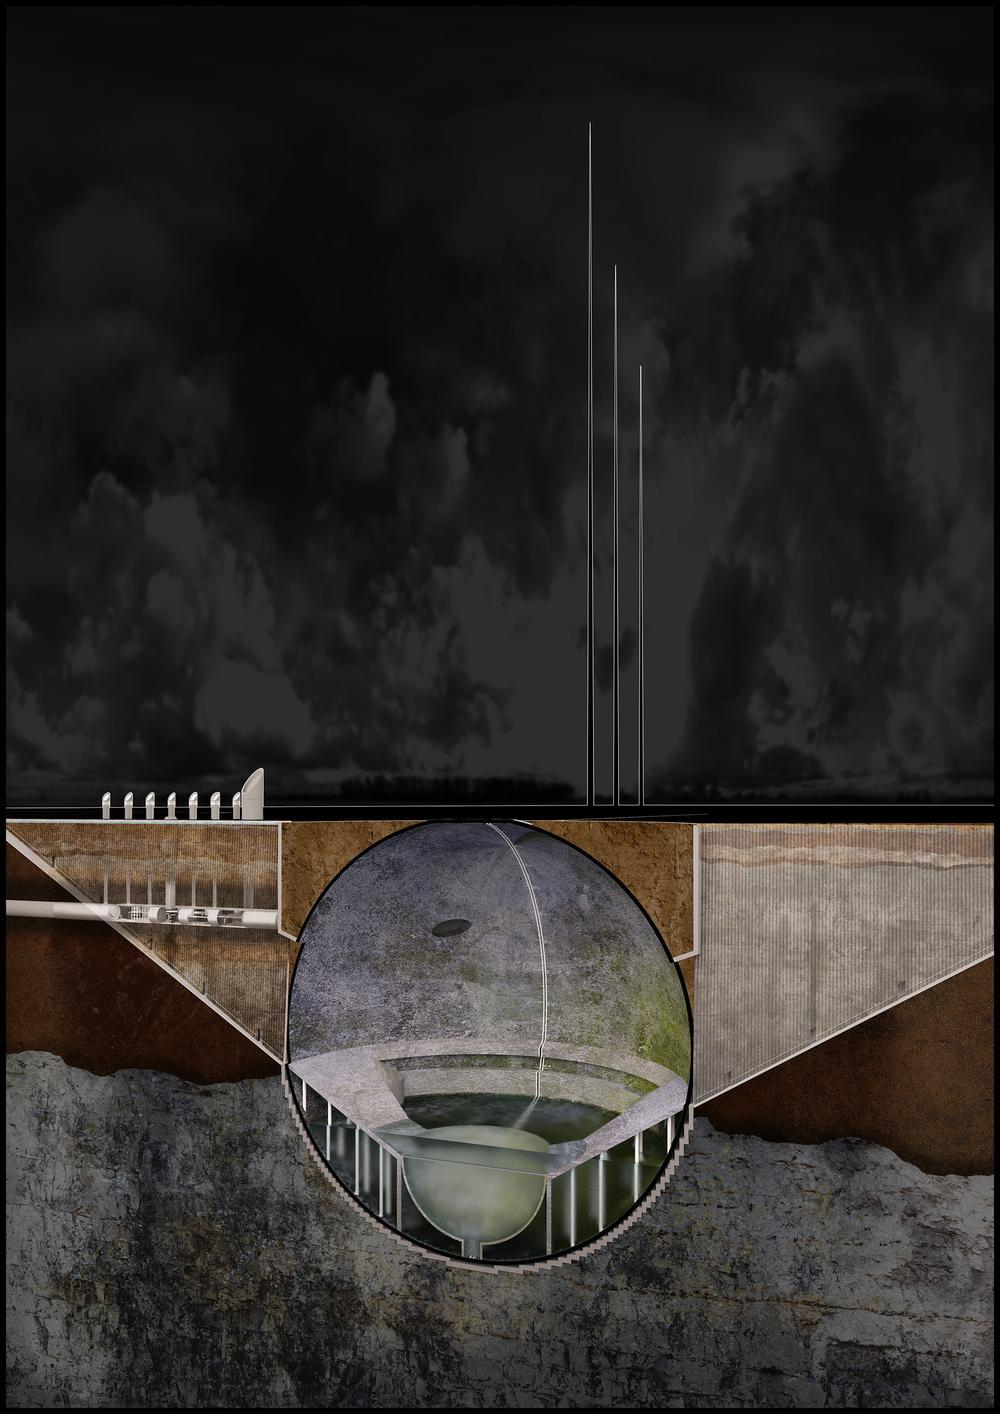 Sub-terranean Sphere